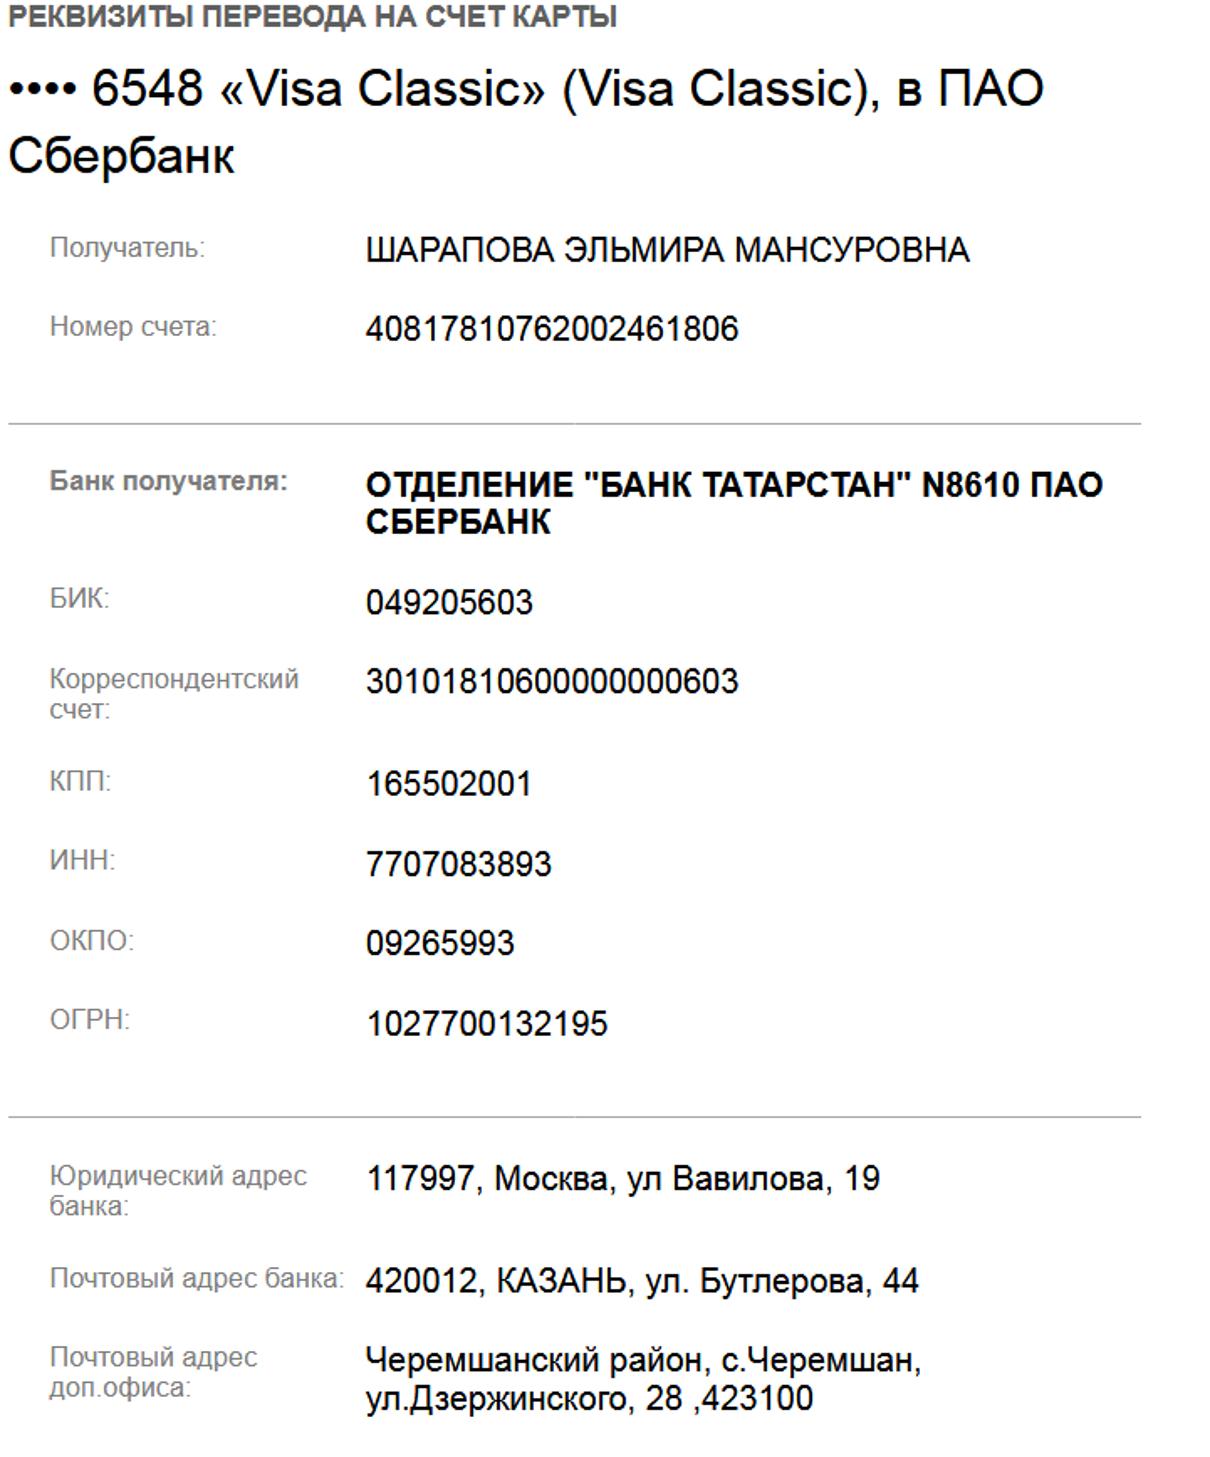 Жалоба-отзыв: LLC Parcels Pro, а/я 210 Московский АСЦ 145901, ООО Фортис - Универсальный эпилятор.  Фото №5